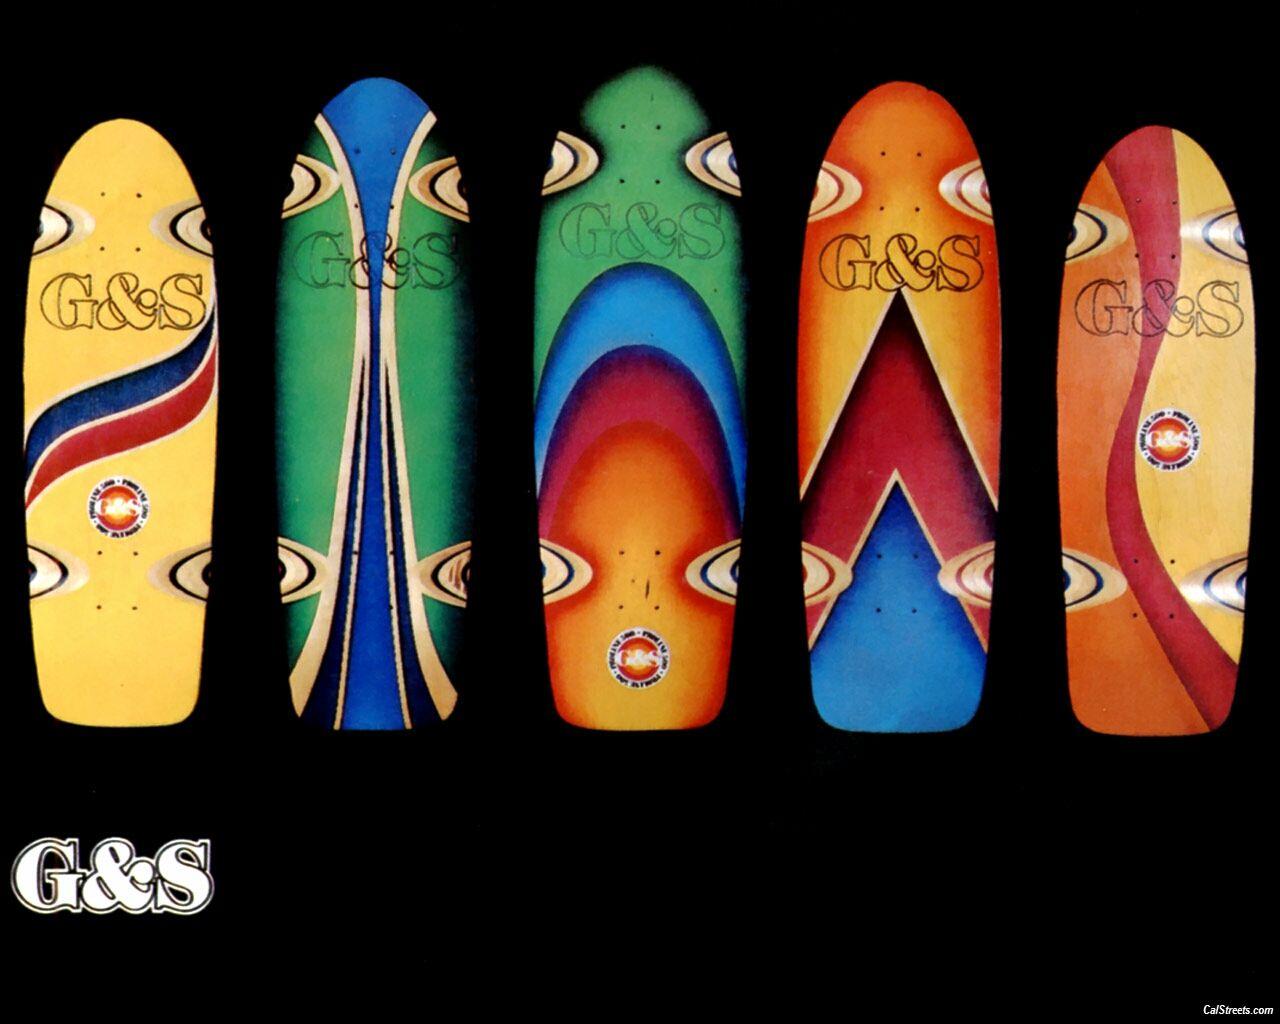 Http Calstreets Com Images Stories Wallpapers 1280x1024 Ricktetz Gordon S Jpg Vintage Skateboards Skate Surf Skateboard